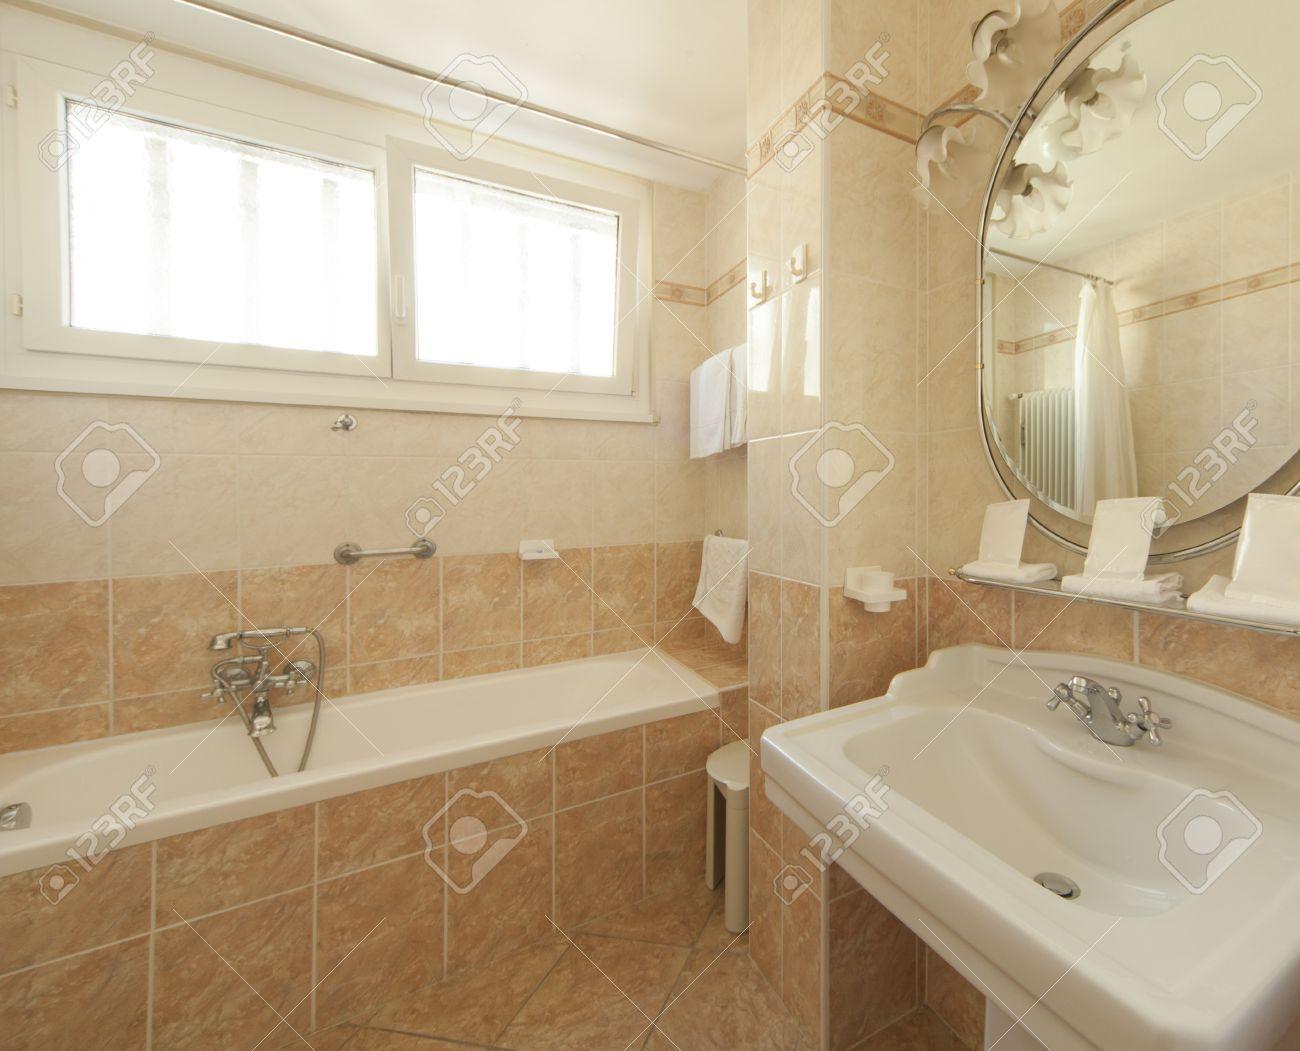 salle de bains avec carrelage beige et decorations banque d images et photos libres de droits image 22549288